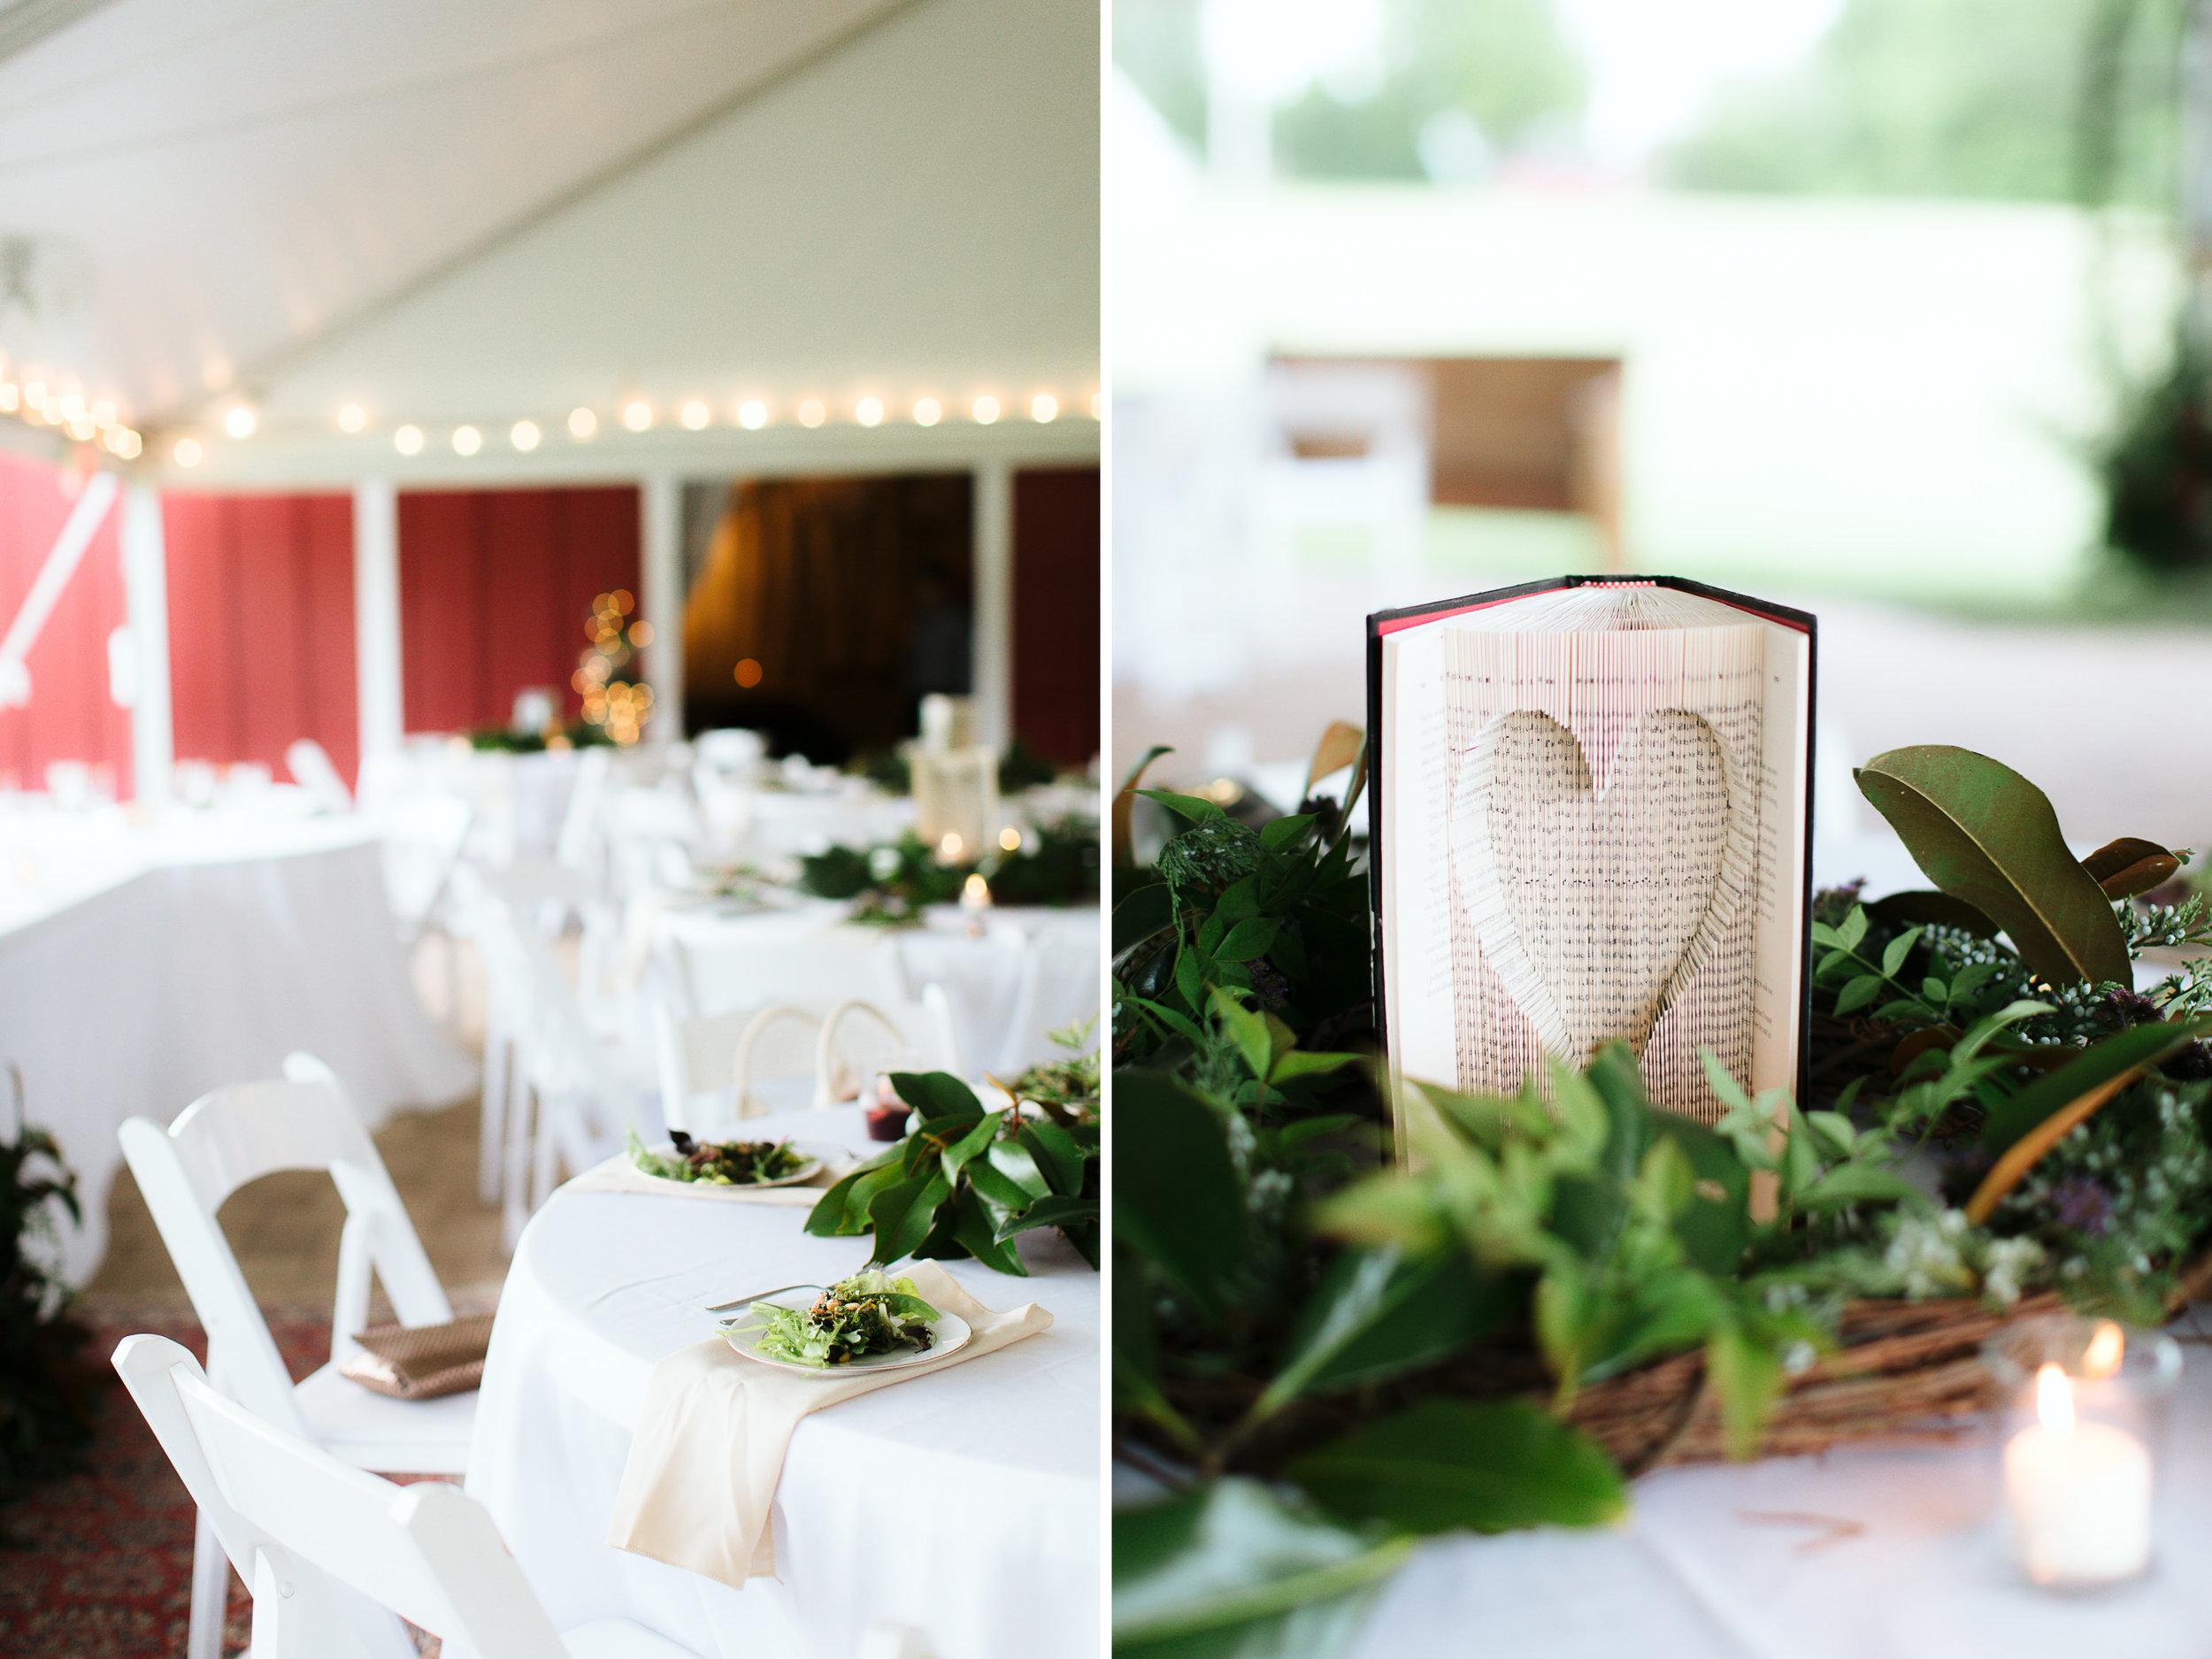 Diptych - Richmond Wedding Details - 5.jpg